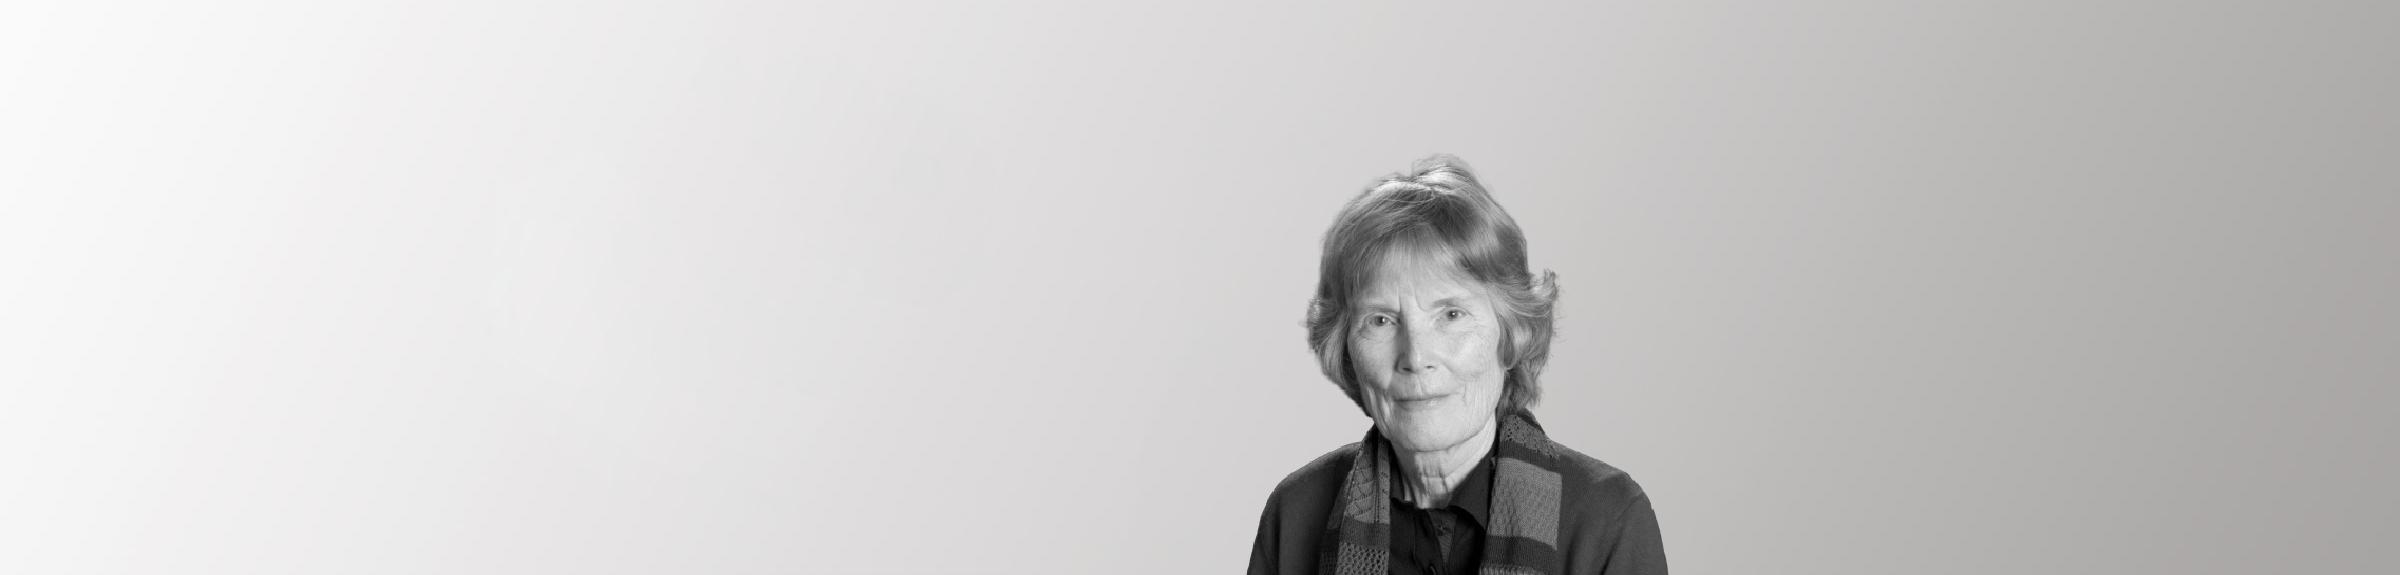 Heidi Baader Nobs